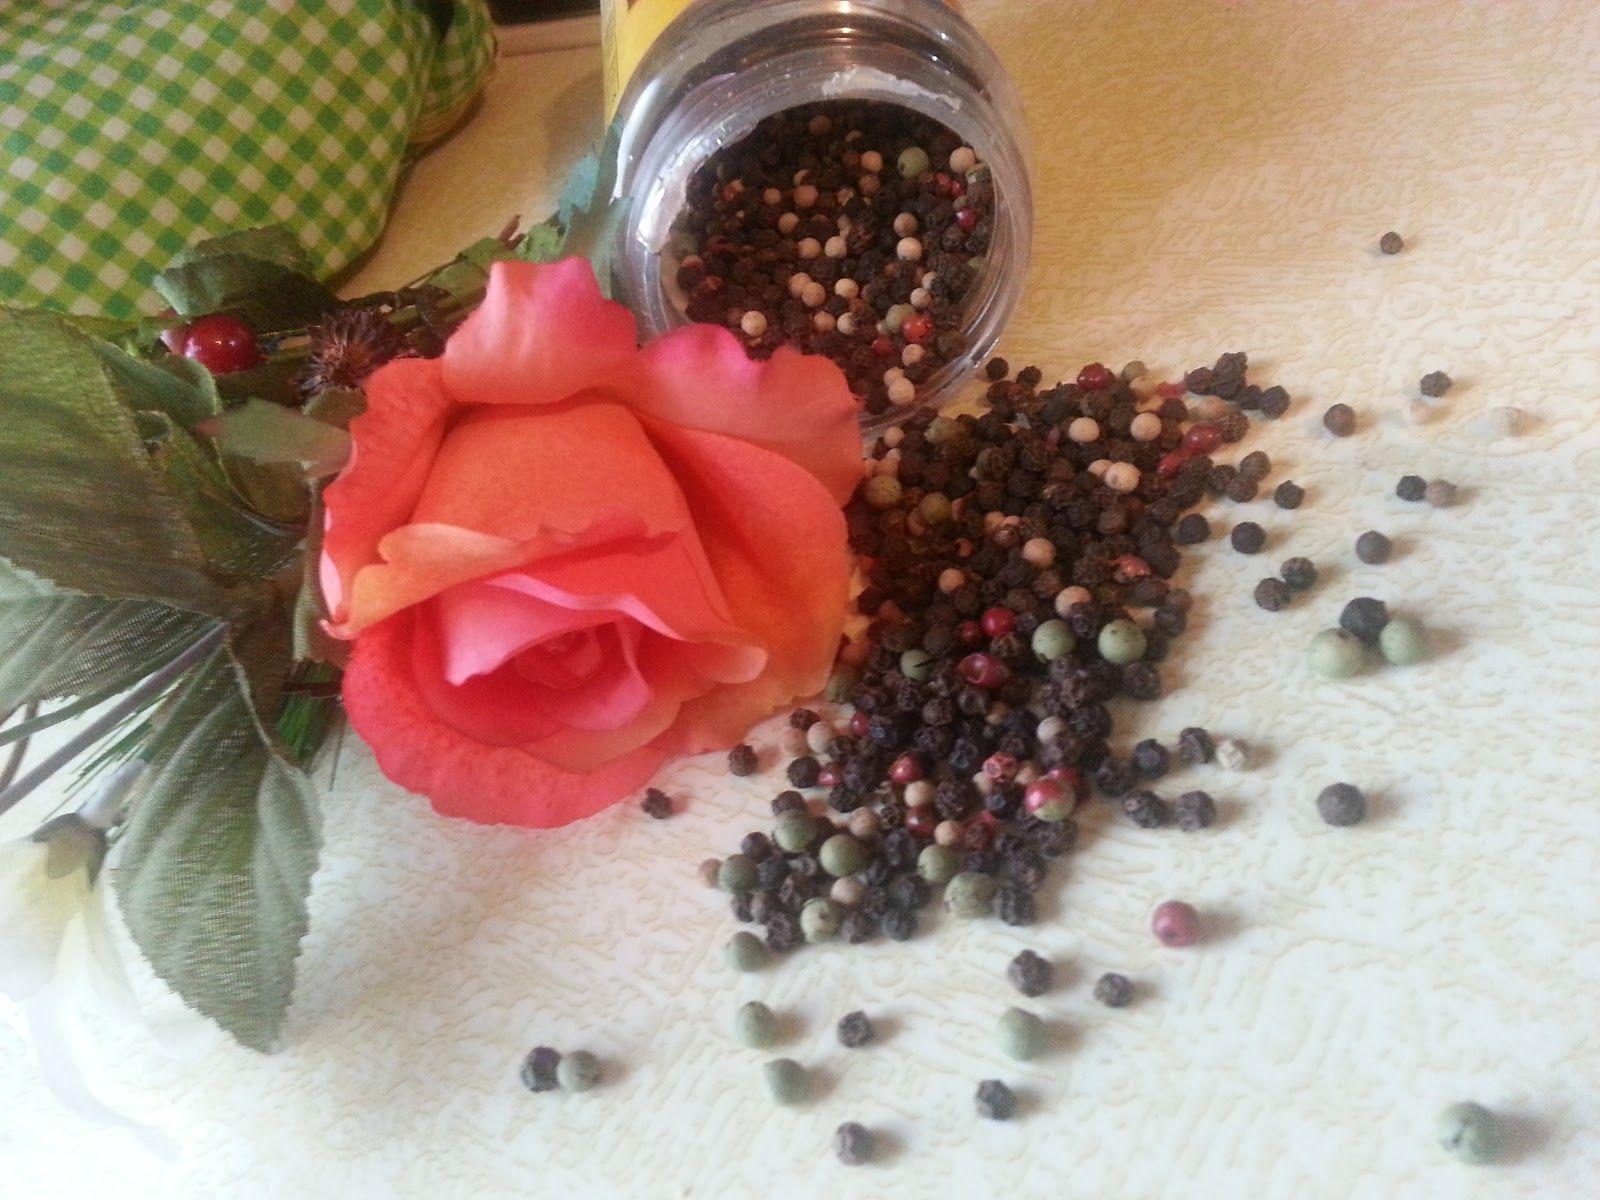 كل ماهو مخفي حول اسرار الطبخ والمطبخ Red Peppercorn 10 Things Blackberry